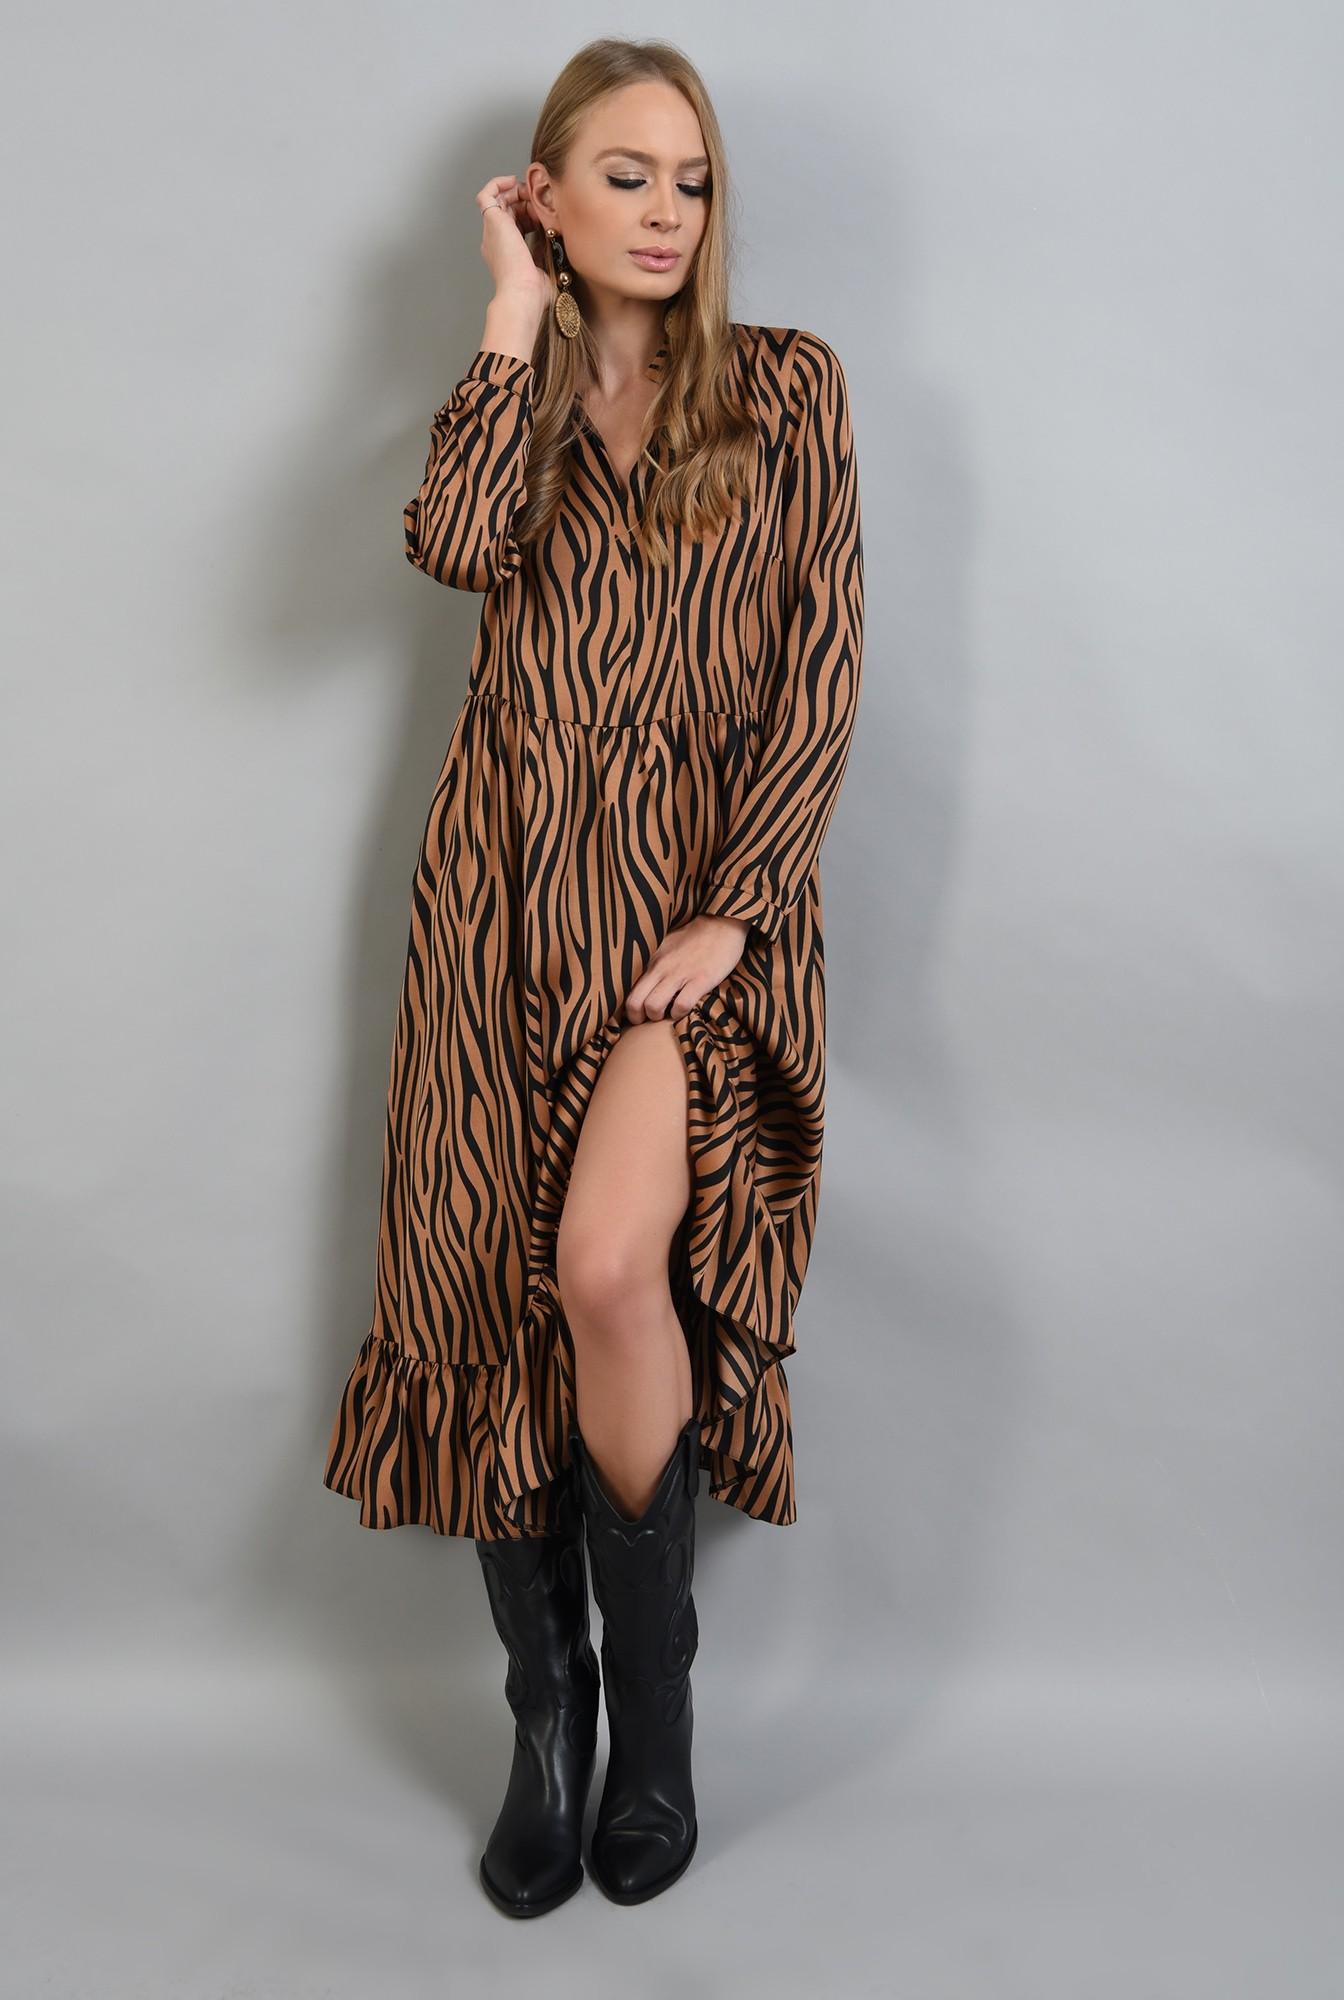 0 - rochie din satin, cu imprimeu, maneci lungi, anchior, zebra